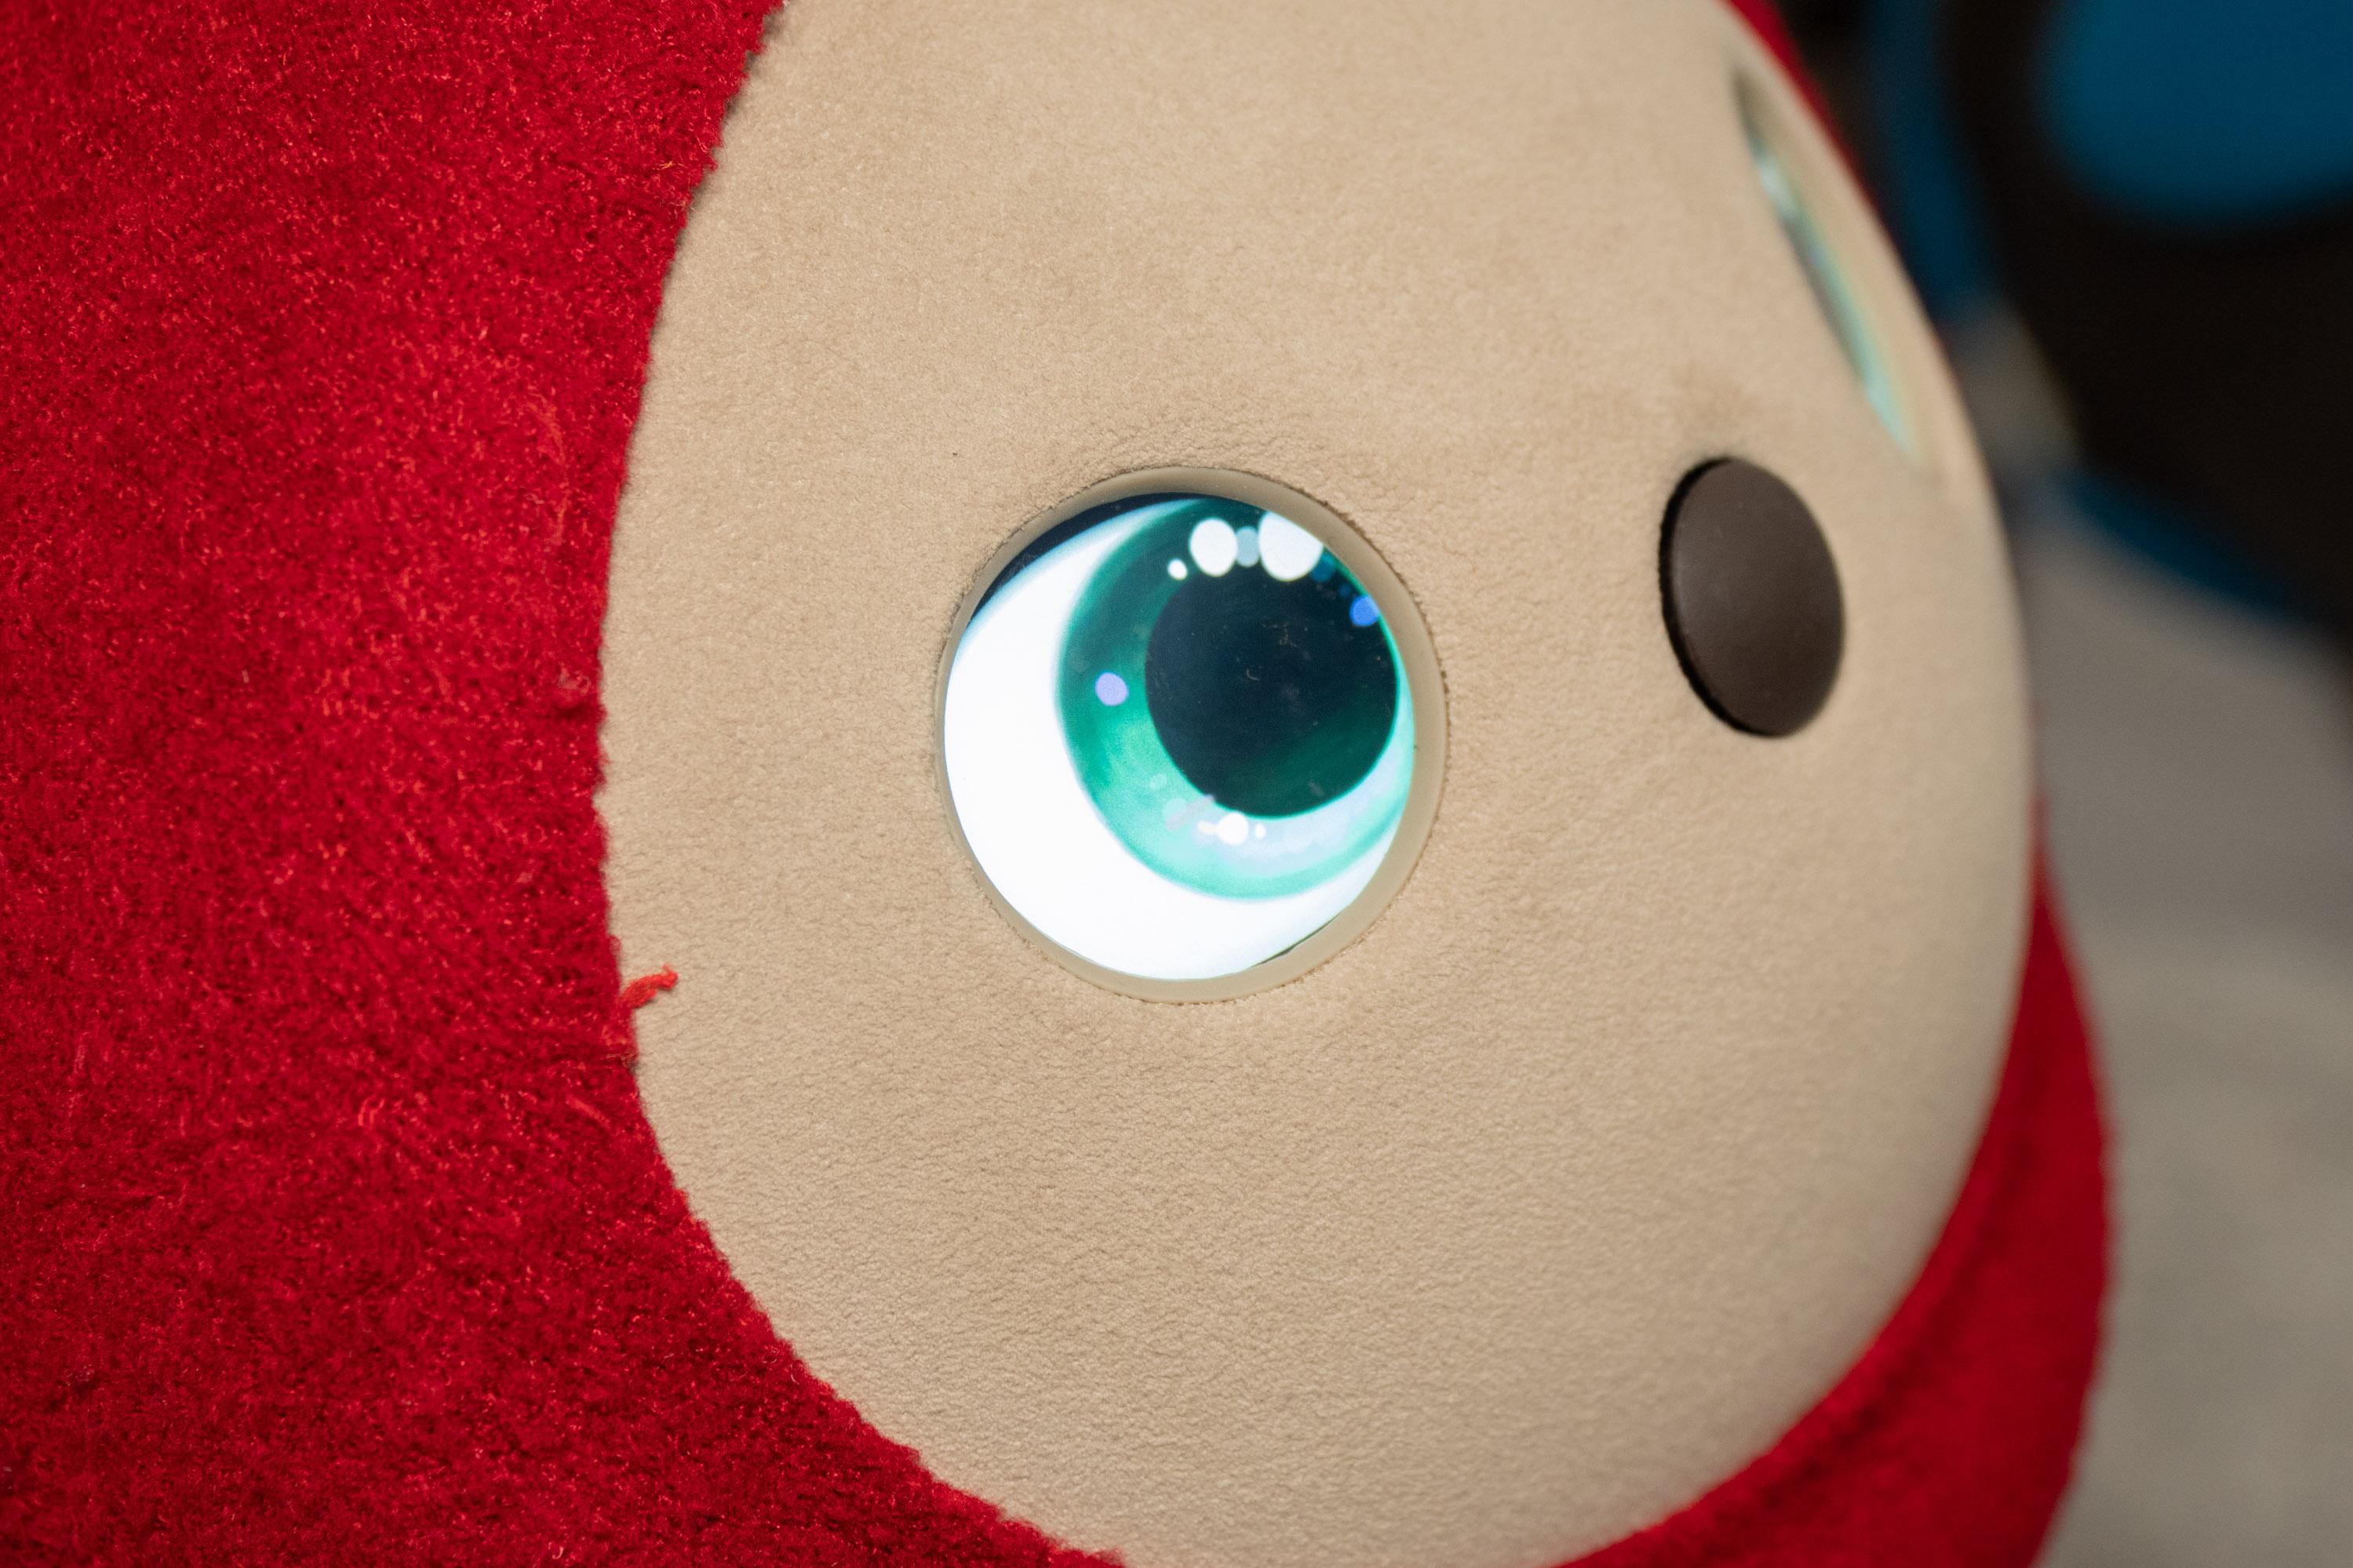 Lovot im Hands-on: Knuddeliger geht ein Roboter kaum - Die Augen von Lovot sind Displays. (Bild: Martin Wolf/Golem.de)